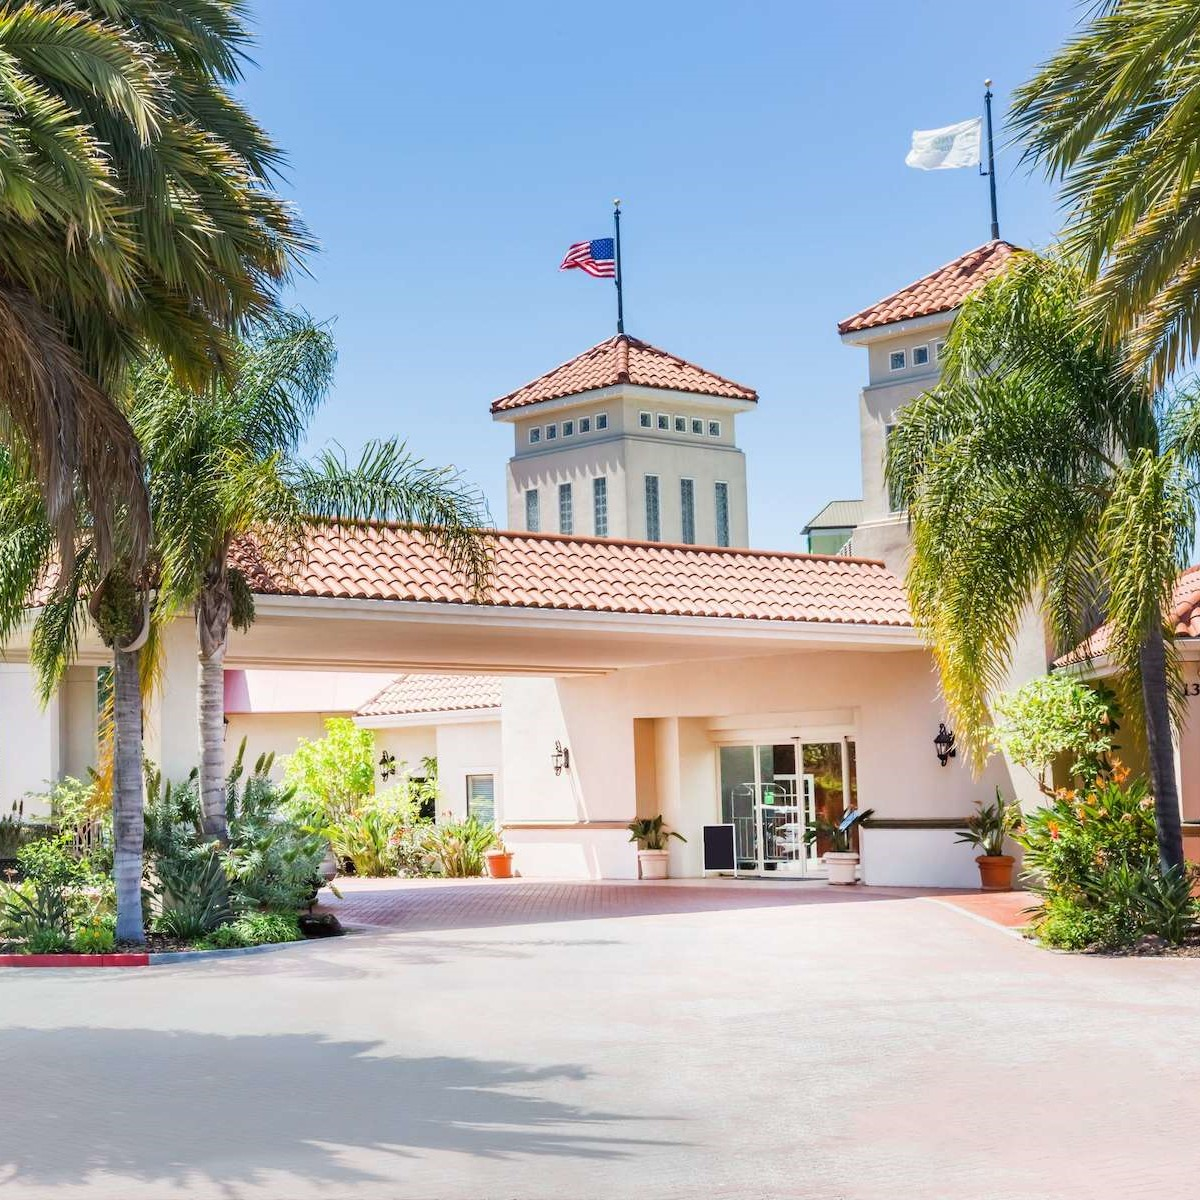 Wyndham Garden San Jose Airport Hotel